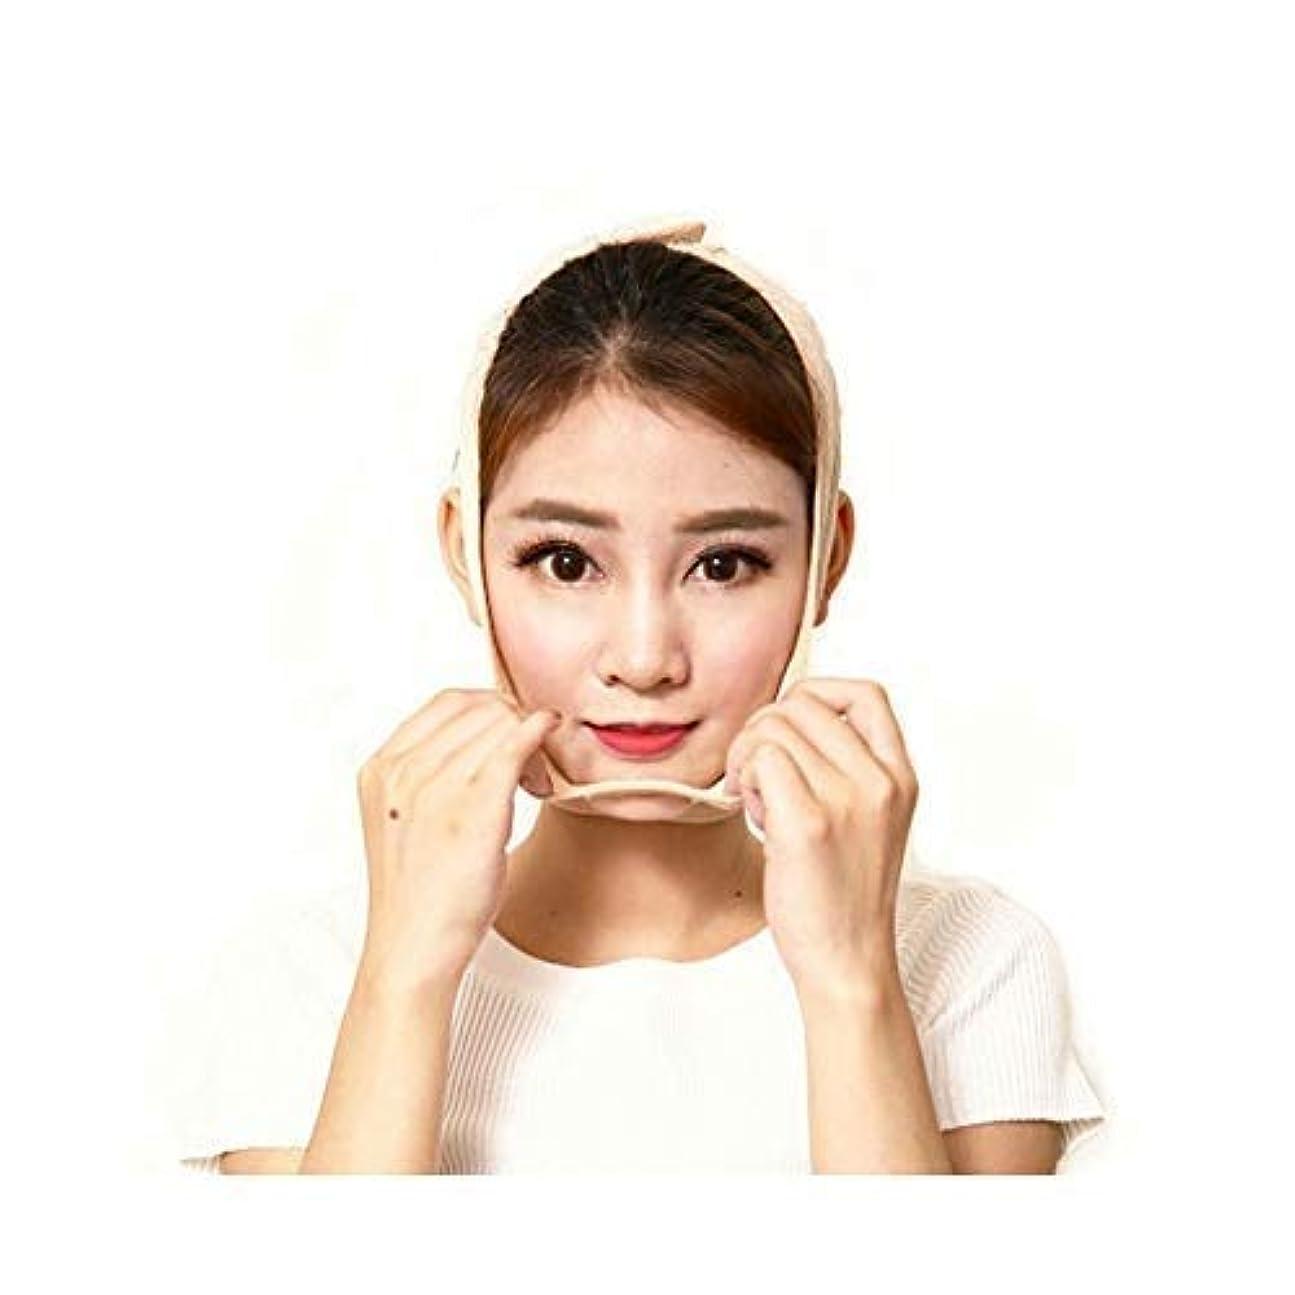 オフセット批判的にアルミニウム引き締めマスク薄い顔アーティファクト包帯美容フードリフト引き締めマスクにダブルあごLスモールVフェイスマッサージフェイスリフトフェイシャル